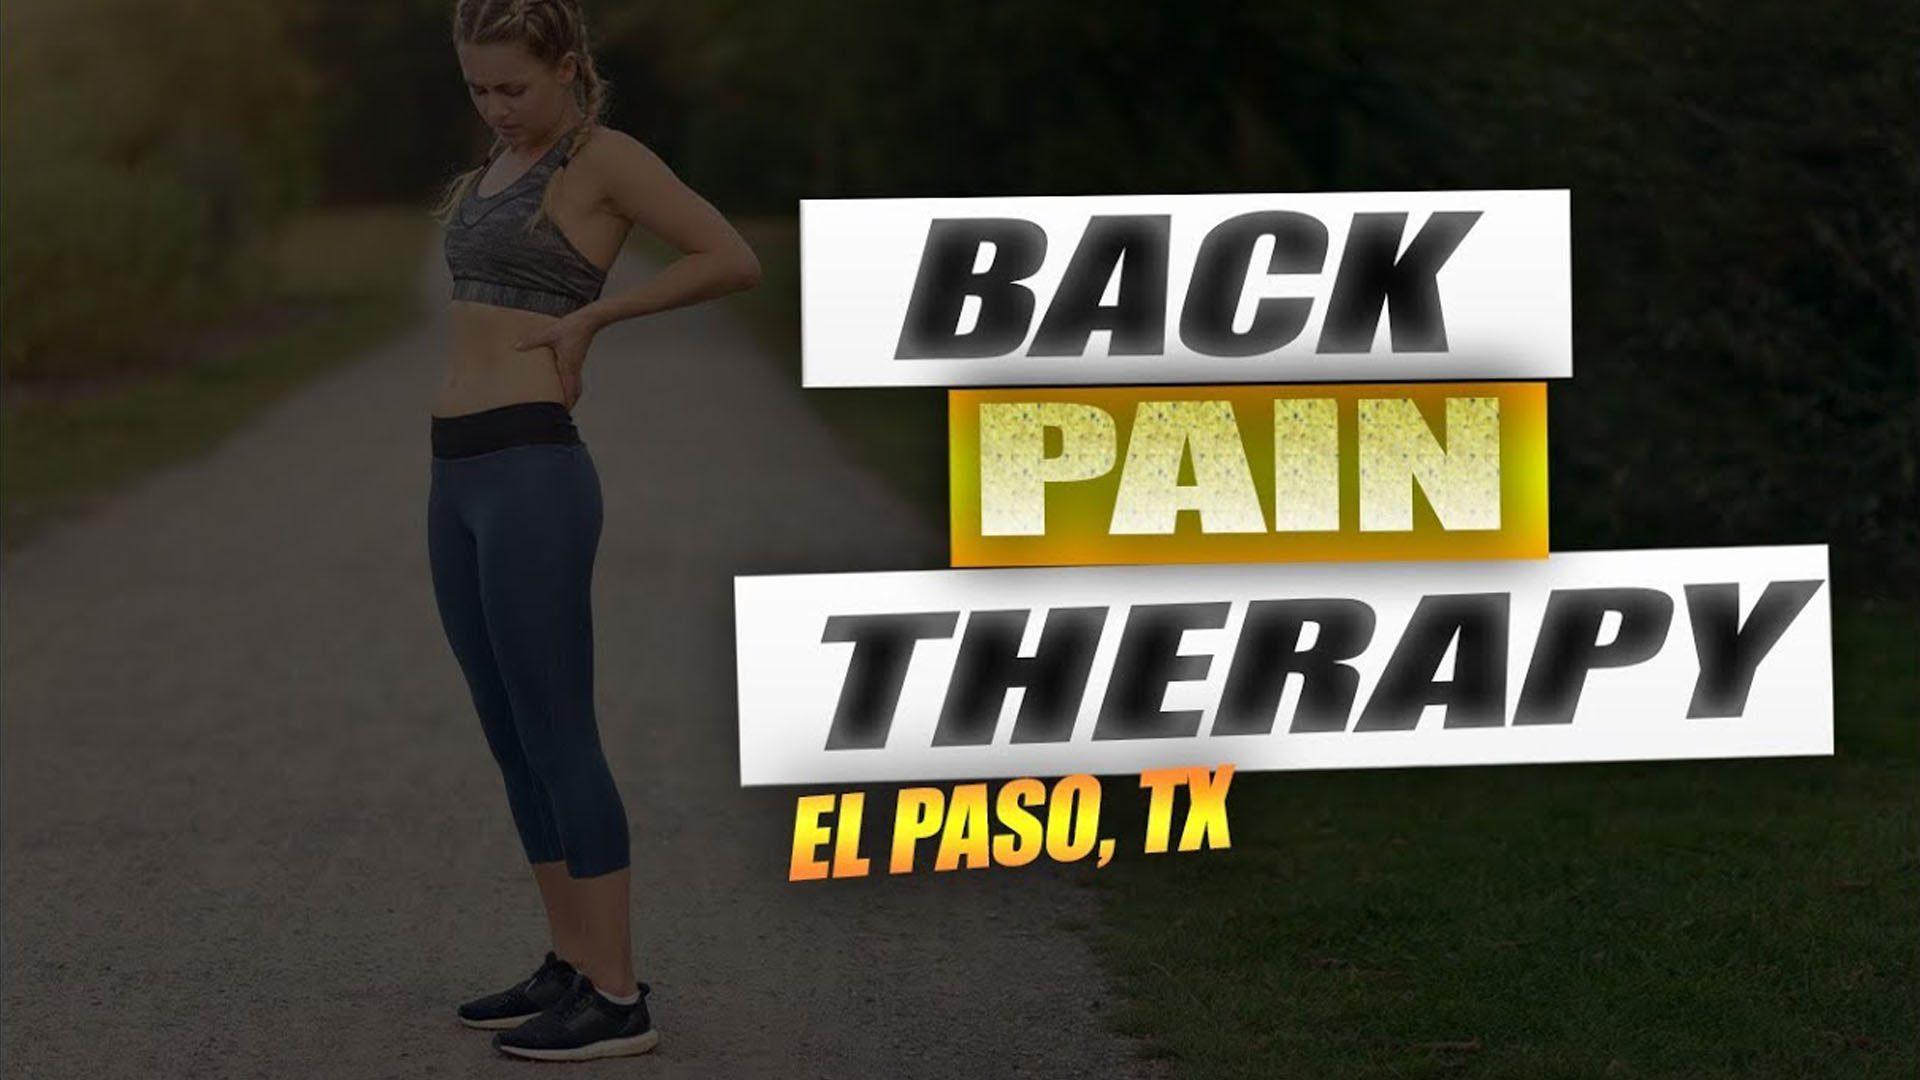 Dolor de espalda atención quiropráctica el paso tx.